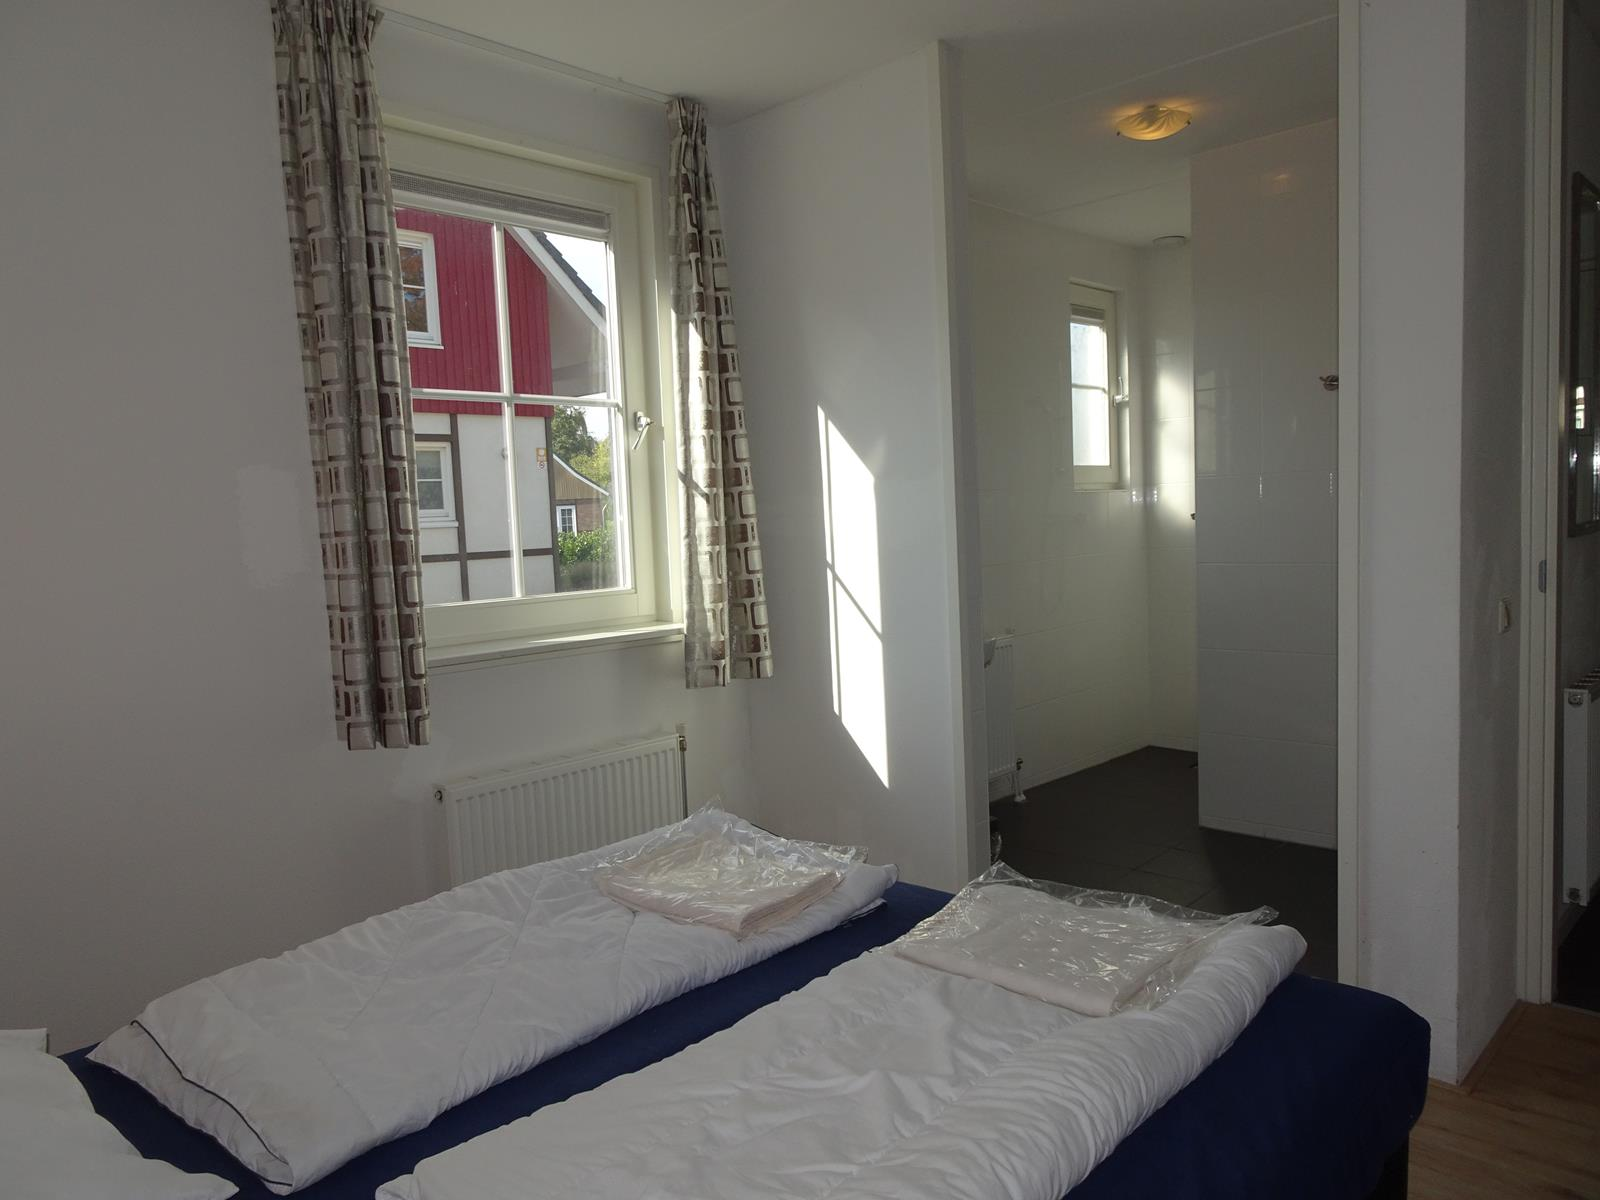 Vakantiehuis te koop Susteren K801 024.jpg